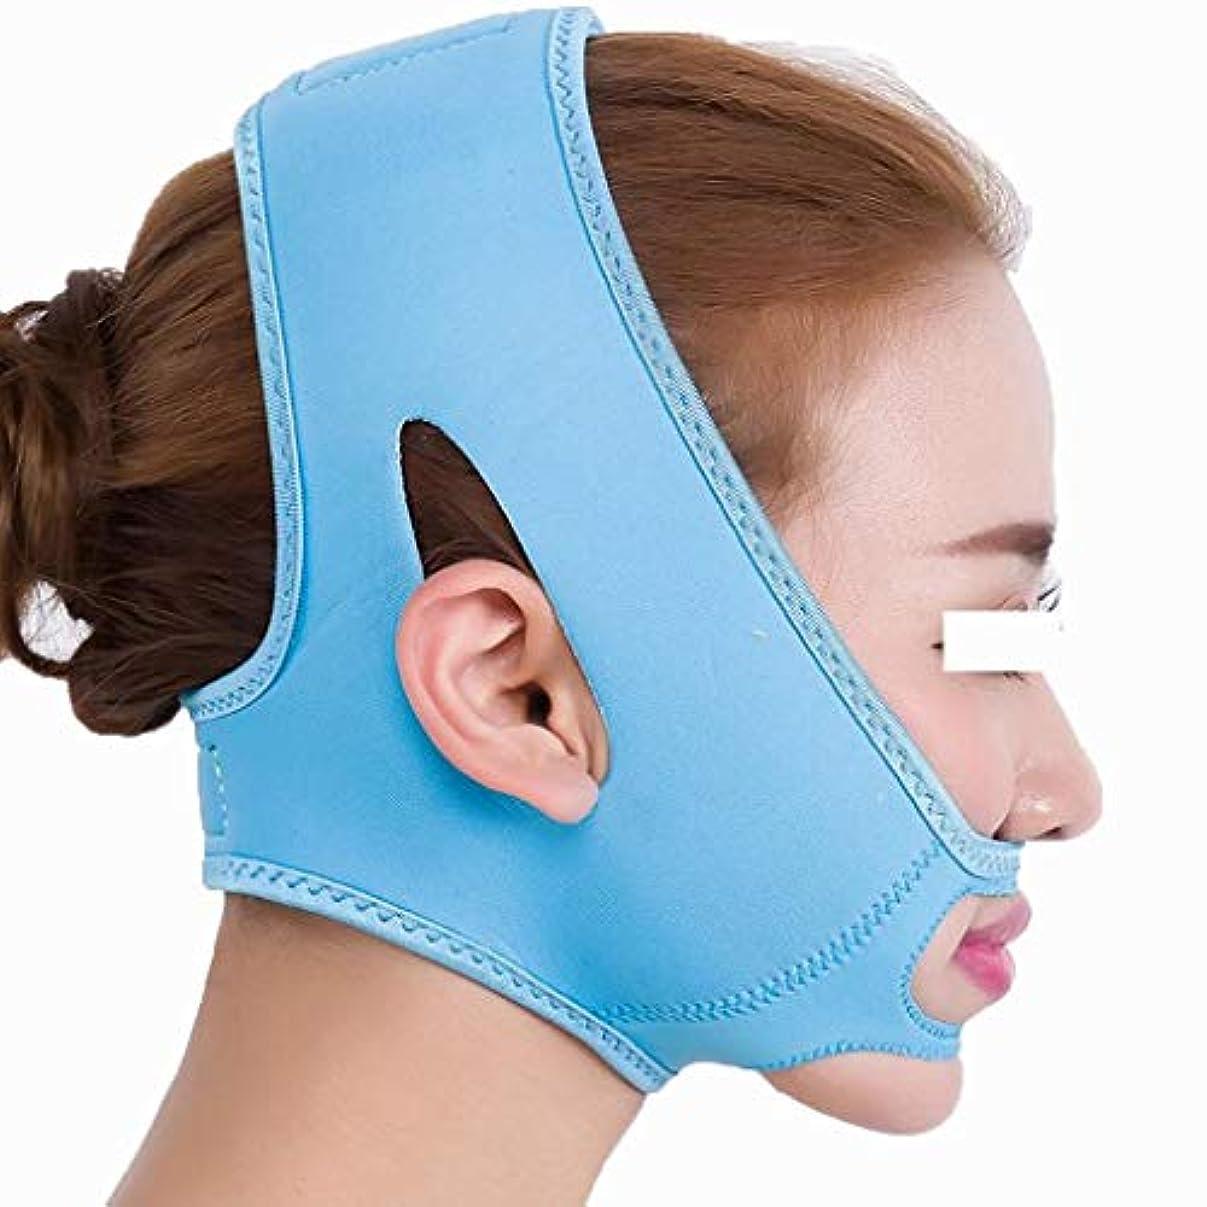 鎮痛剤精神医学架空の人気のスリープフェイスマスク - 包帯のマッサージ師のあごvフェイスクローズフェイスリフトフェイスマスク